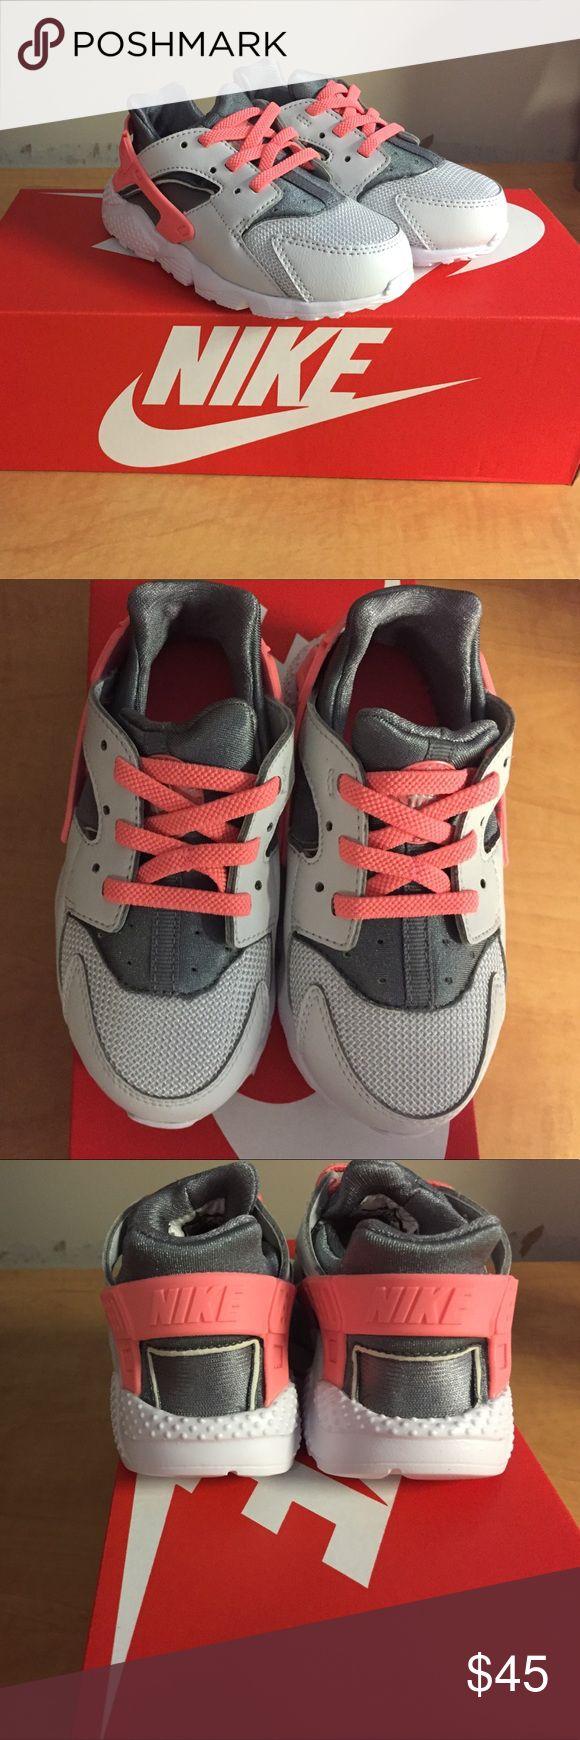 NWT Nike huarache run shoes Brand new Nike huarache run shoes Nike Shoes Sneakers